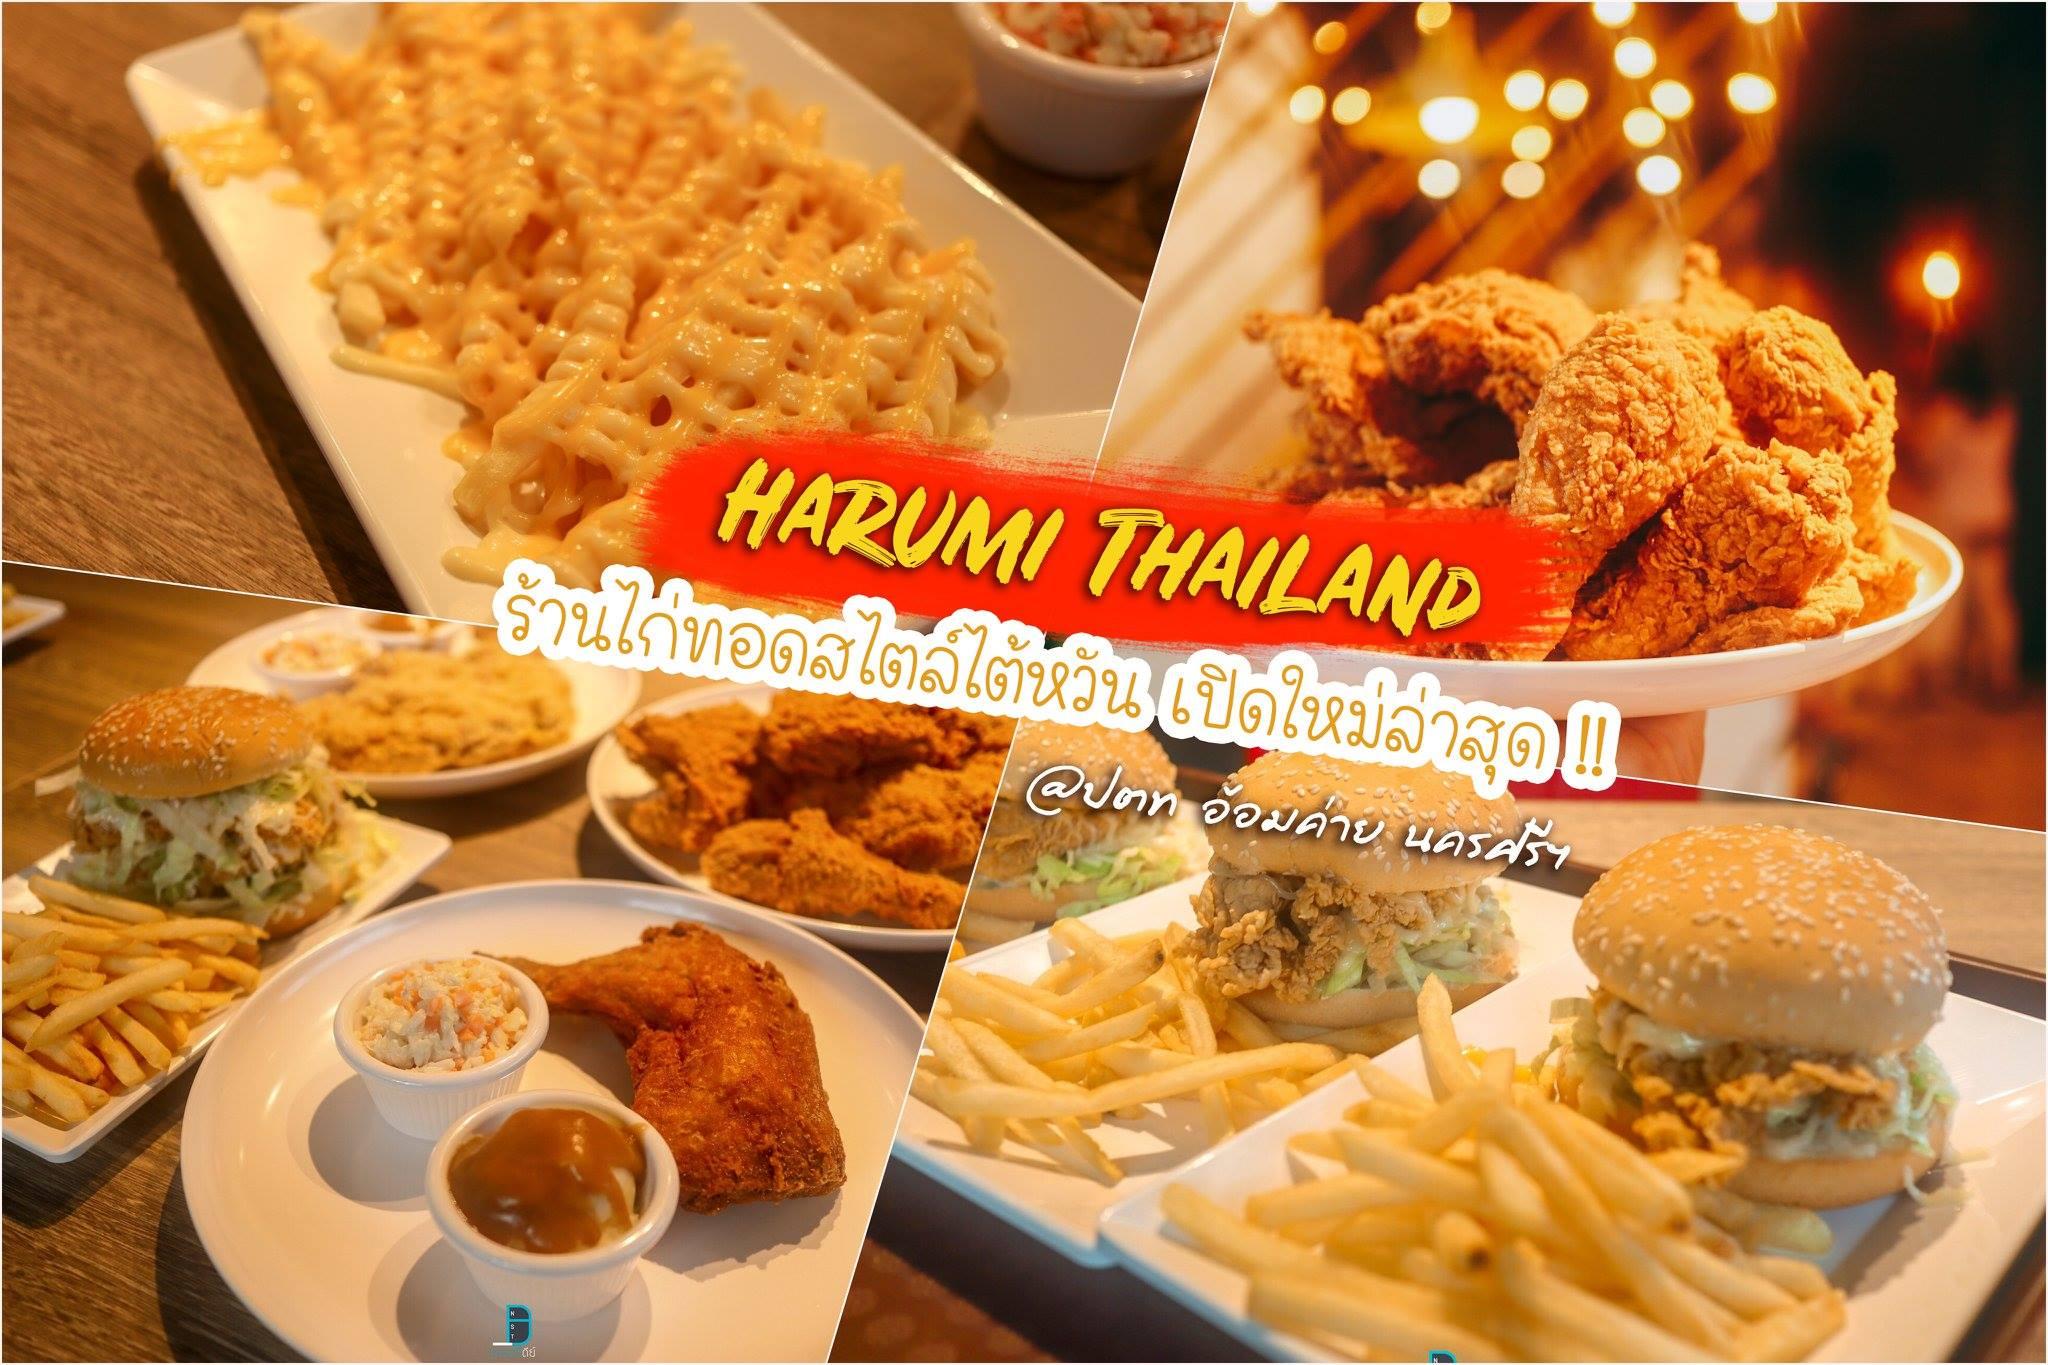 11.-Harumi-Thailand-at-ปตท-อ้อมค่าย ร้านนี้บอกเลยเป็นกึ่งคาเฟ่-Co-working-Space-ด้วยแอดมินชอบมากที่มานั่งทำงานนั่งประชุมที่นี่เพราะมีโต๊ะตัวใหญ่ให้นั่งชิวๆกันนานๆและมีปลั๊กให้เสียบครบครับ HARUMi-Thailand คาเฟ่,นครศรีธรรมราช,2021,จุดกิน,ของกิน,วิวหลักล้าน,ร้านกาแฟ